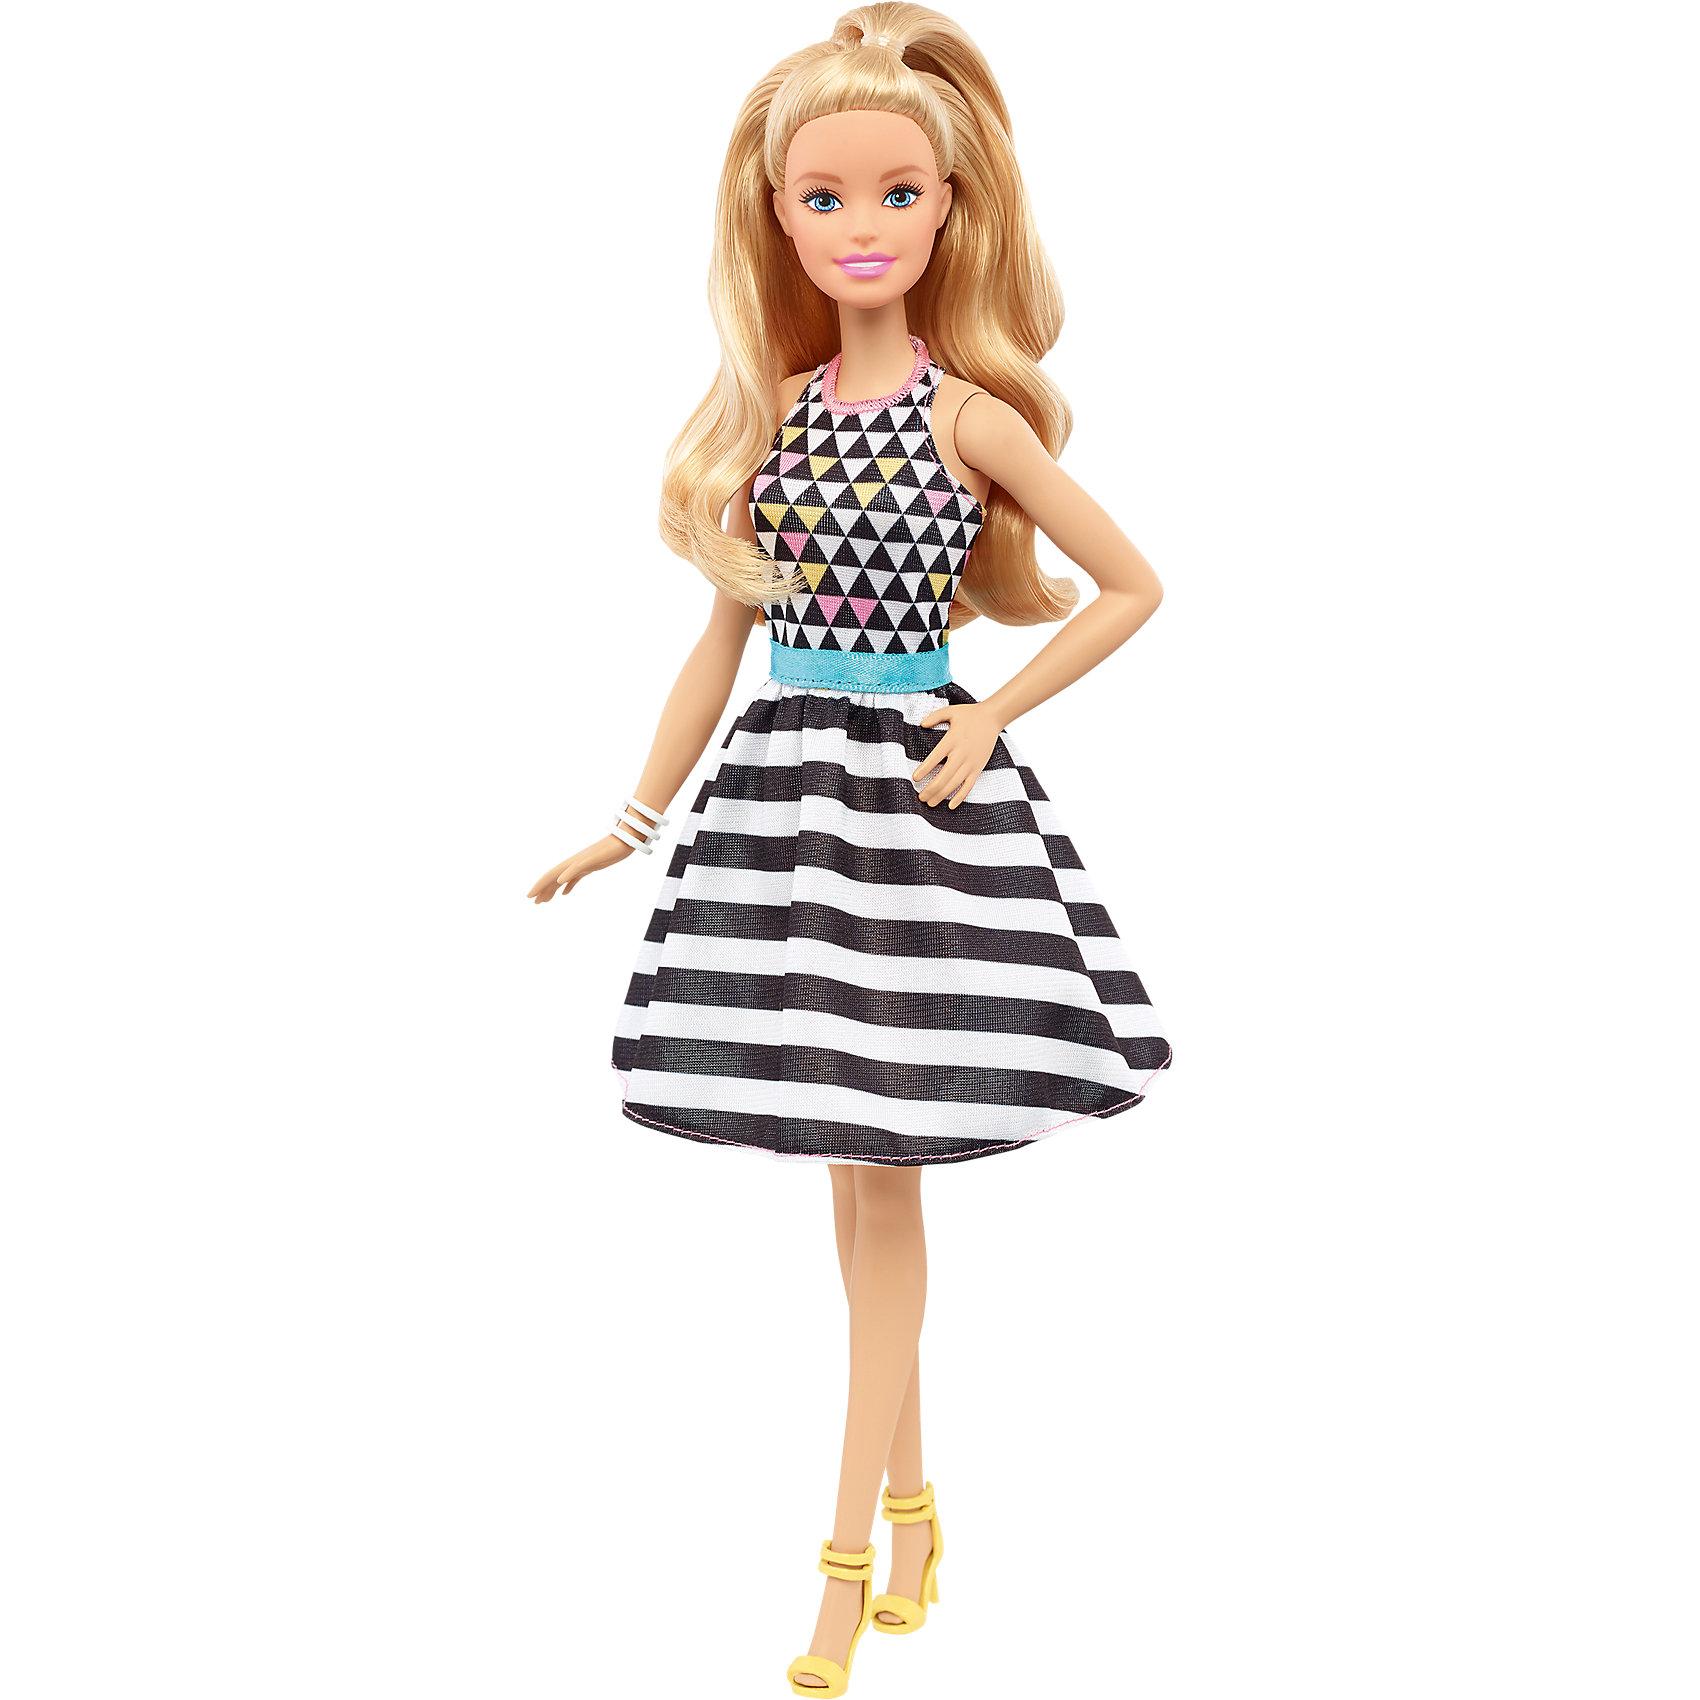 Кукла из серии Игра с модой Power Print, BarbieПопулярные игрушки<br>Характеристики товара:<br><br>• комплектация: кукла, одежда<br>• материал: пластик, текстиль<br>• серия: Barbie игра с модой<br>• руки, ноги гнутся<br>• высота куклы: 28 см<br>• возраст: от трех лет<br>• размер упаковки: 33х12х5 см<br>• вес: 0,3 кг<br>• страна бренда: США<br><br>Невероятно модный образ изящной куклы порадует маленьких любительниц стильных и необычных нарядов. Стильную одежду дополняет обувь и аксессуары. Длинные волосы позволяют делать разнообразные прически! Барби из серии Игра с модой станет великолепным подарком для девочек, которые следят за модными тенденциями.<br><br>Таки куклы помогают развить у девочек вкус и чувство стиля, отработать сценарии поведения в обществе, развить воображение и мелкую моторику. Барби от бренда Mattel не перестает быть популярной! <br><br>Куклу Барби Power Print из серии «Barbie и Игра с Модой» от компании Mattel можно купить в нашем интернет-магазине.<br><br>Ширина мм: 326<br>Глубина мм: 116<br>Высота мм: 50<br>Вес г: 169<br>Возраст от месяцев: 36<br>Возраст до месяцев: 72<br>Пол: Женский<br>Возраст: Детский<br>SKU: 5257122